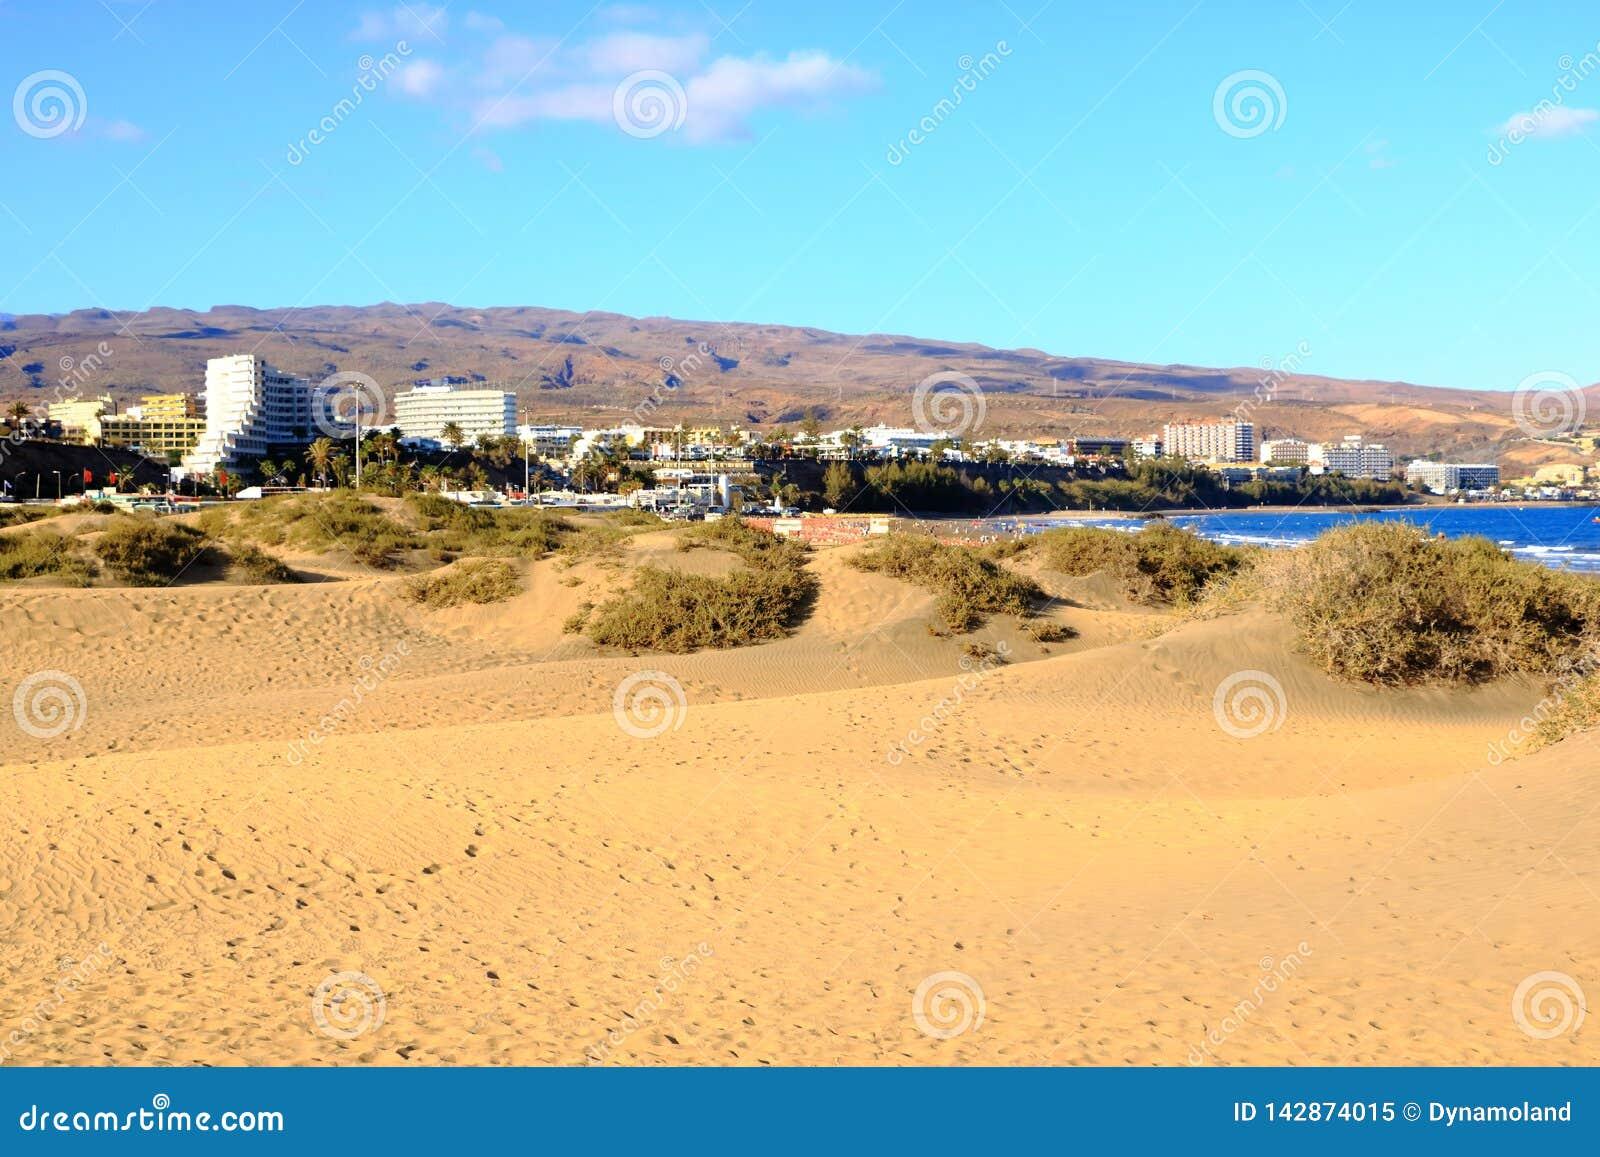 Zandige duinen in beroemd natuurlijk Maspalomas-strand Gran Canaria spanje